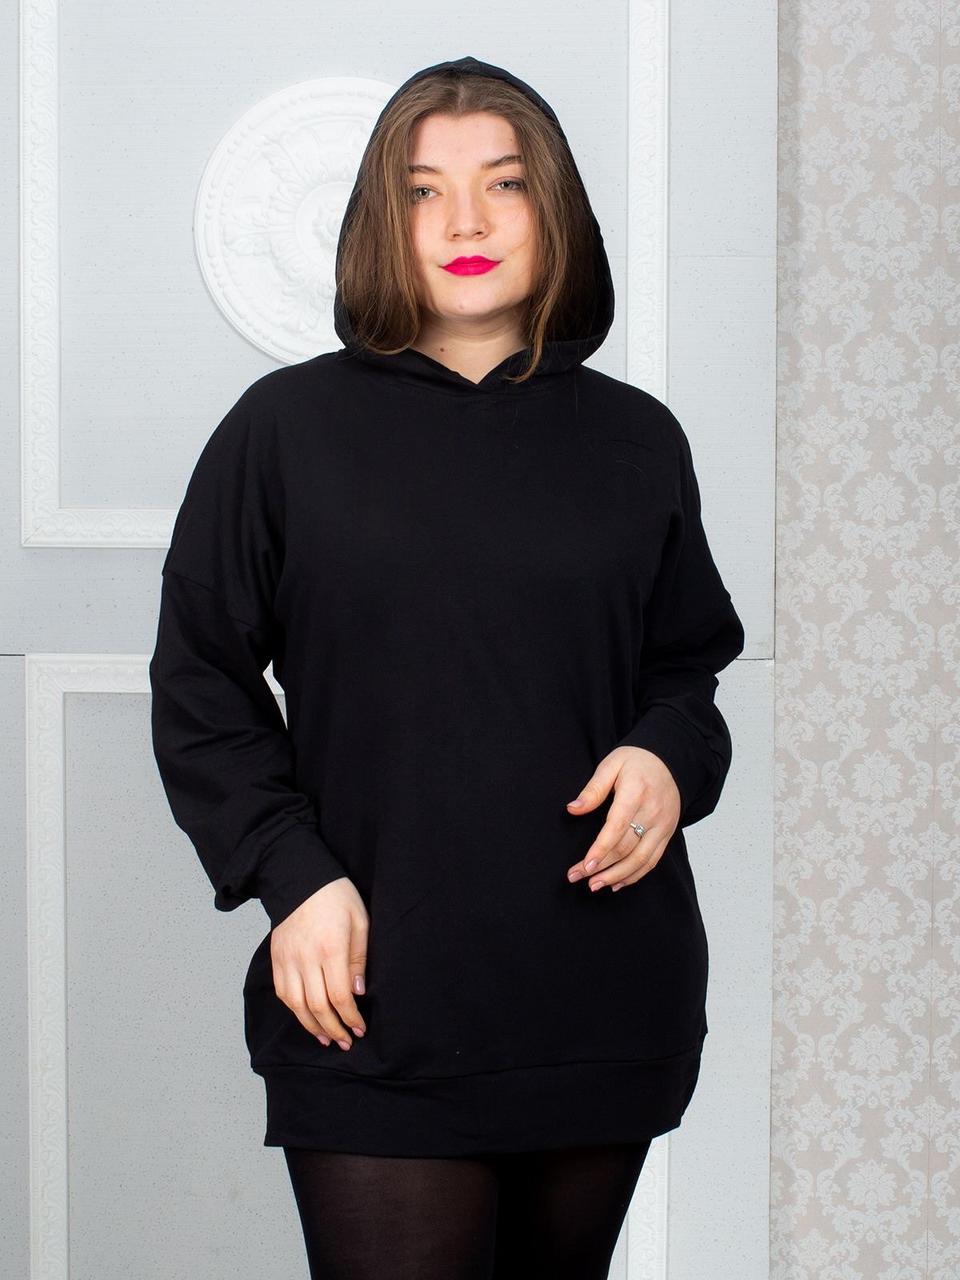 Женска толстовка з капюшоном. Модель супер!!!